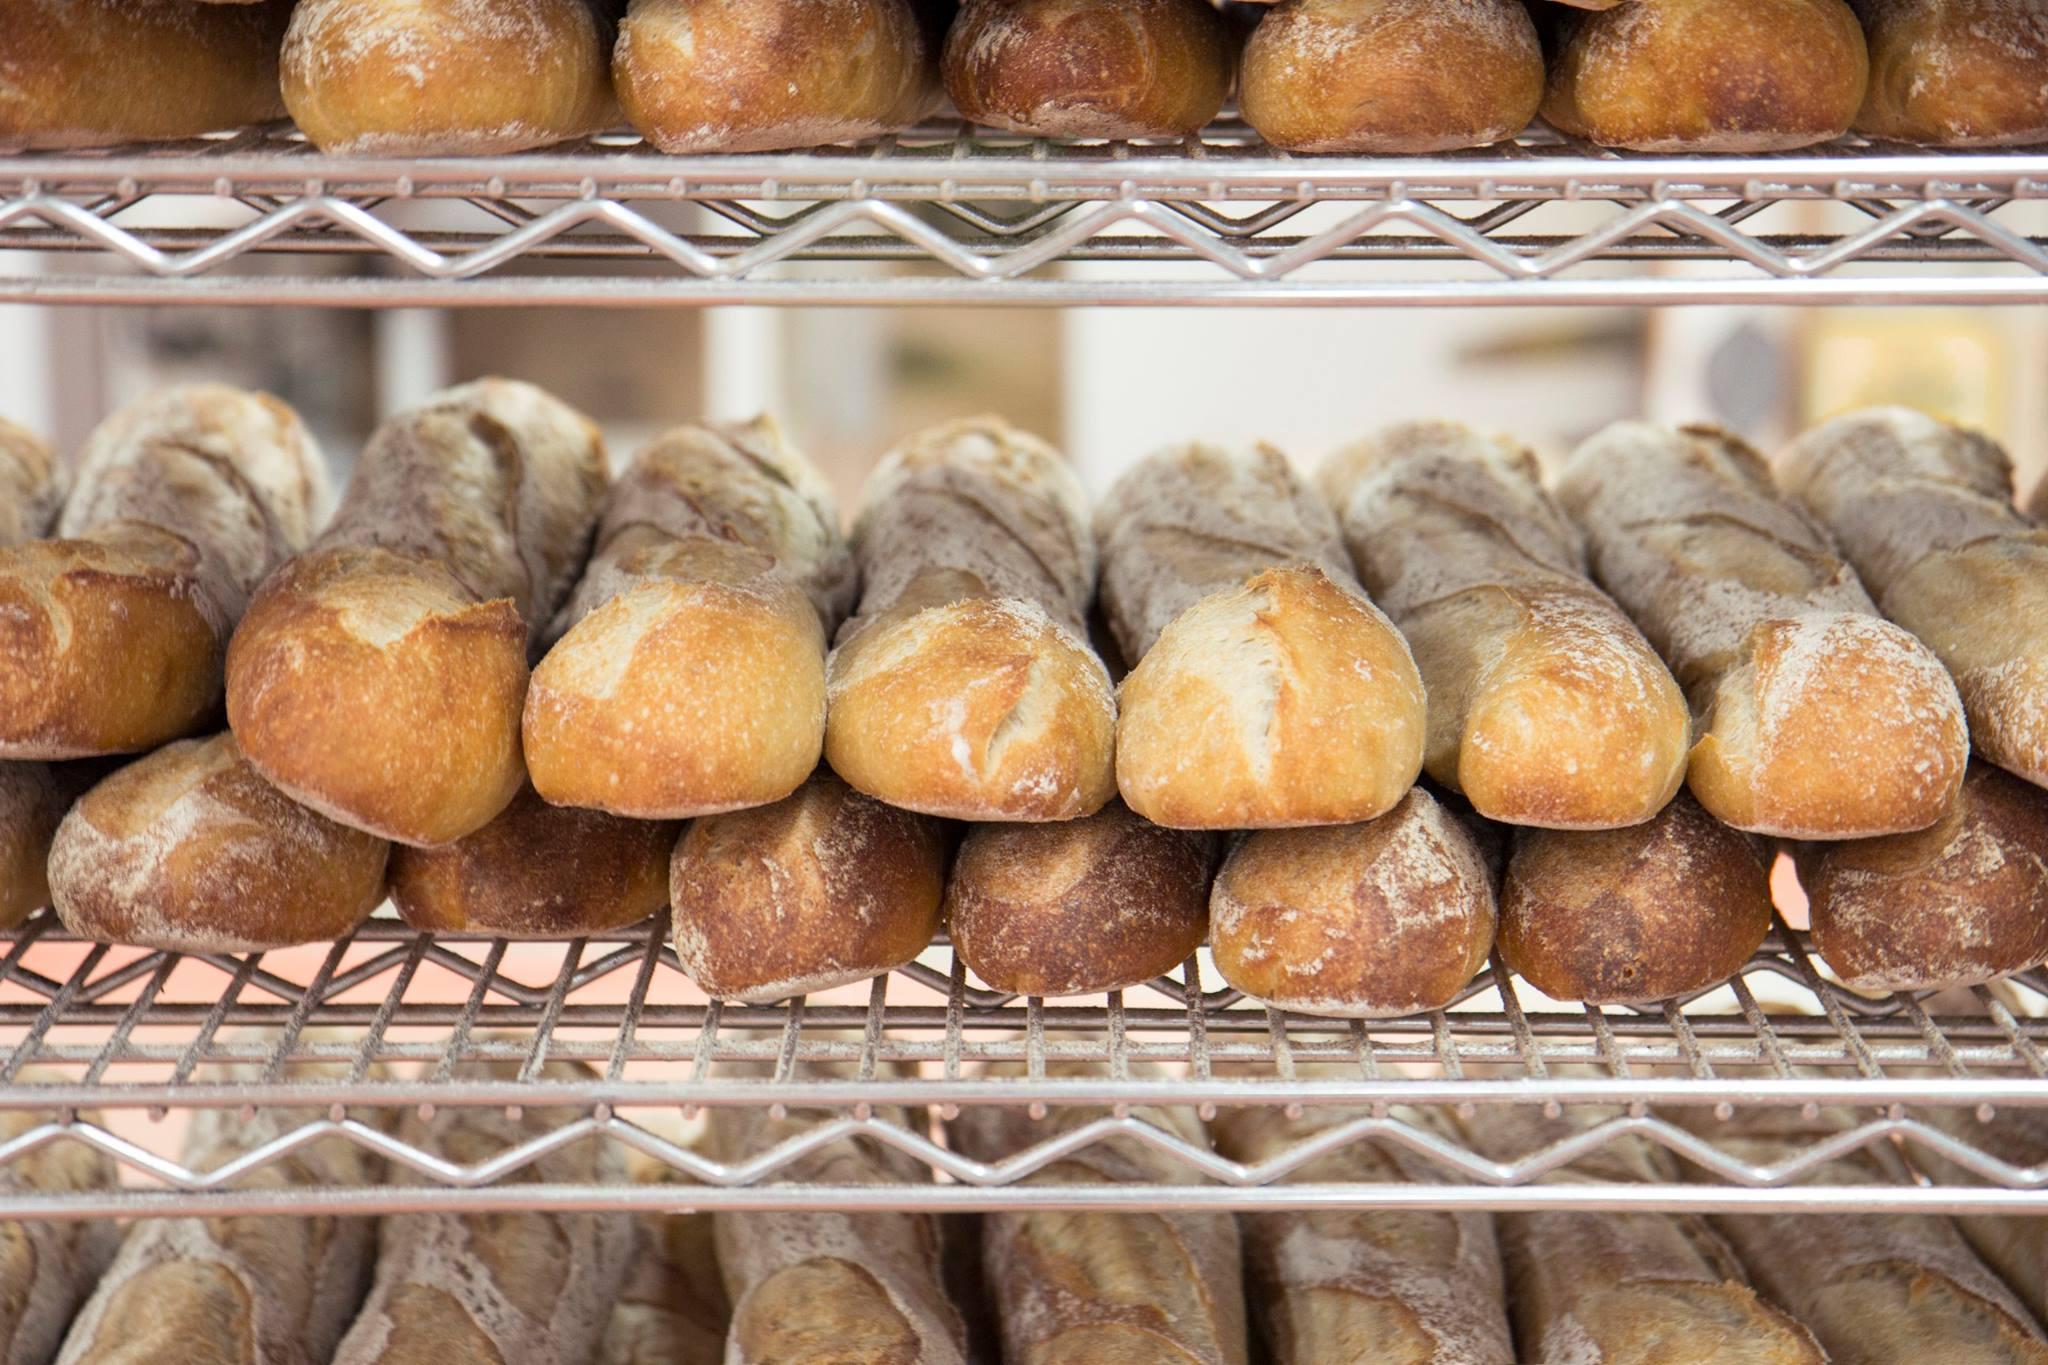 Les Moulins La Fayette bread